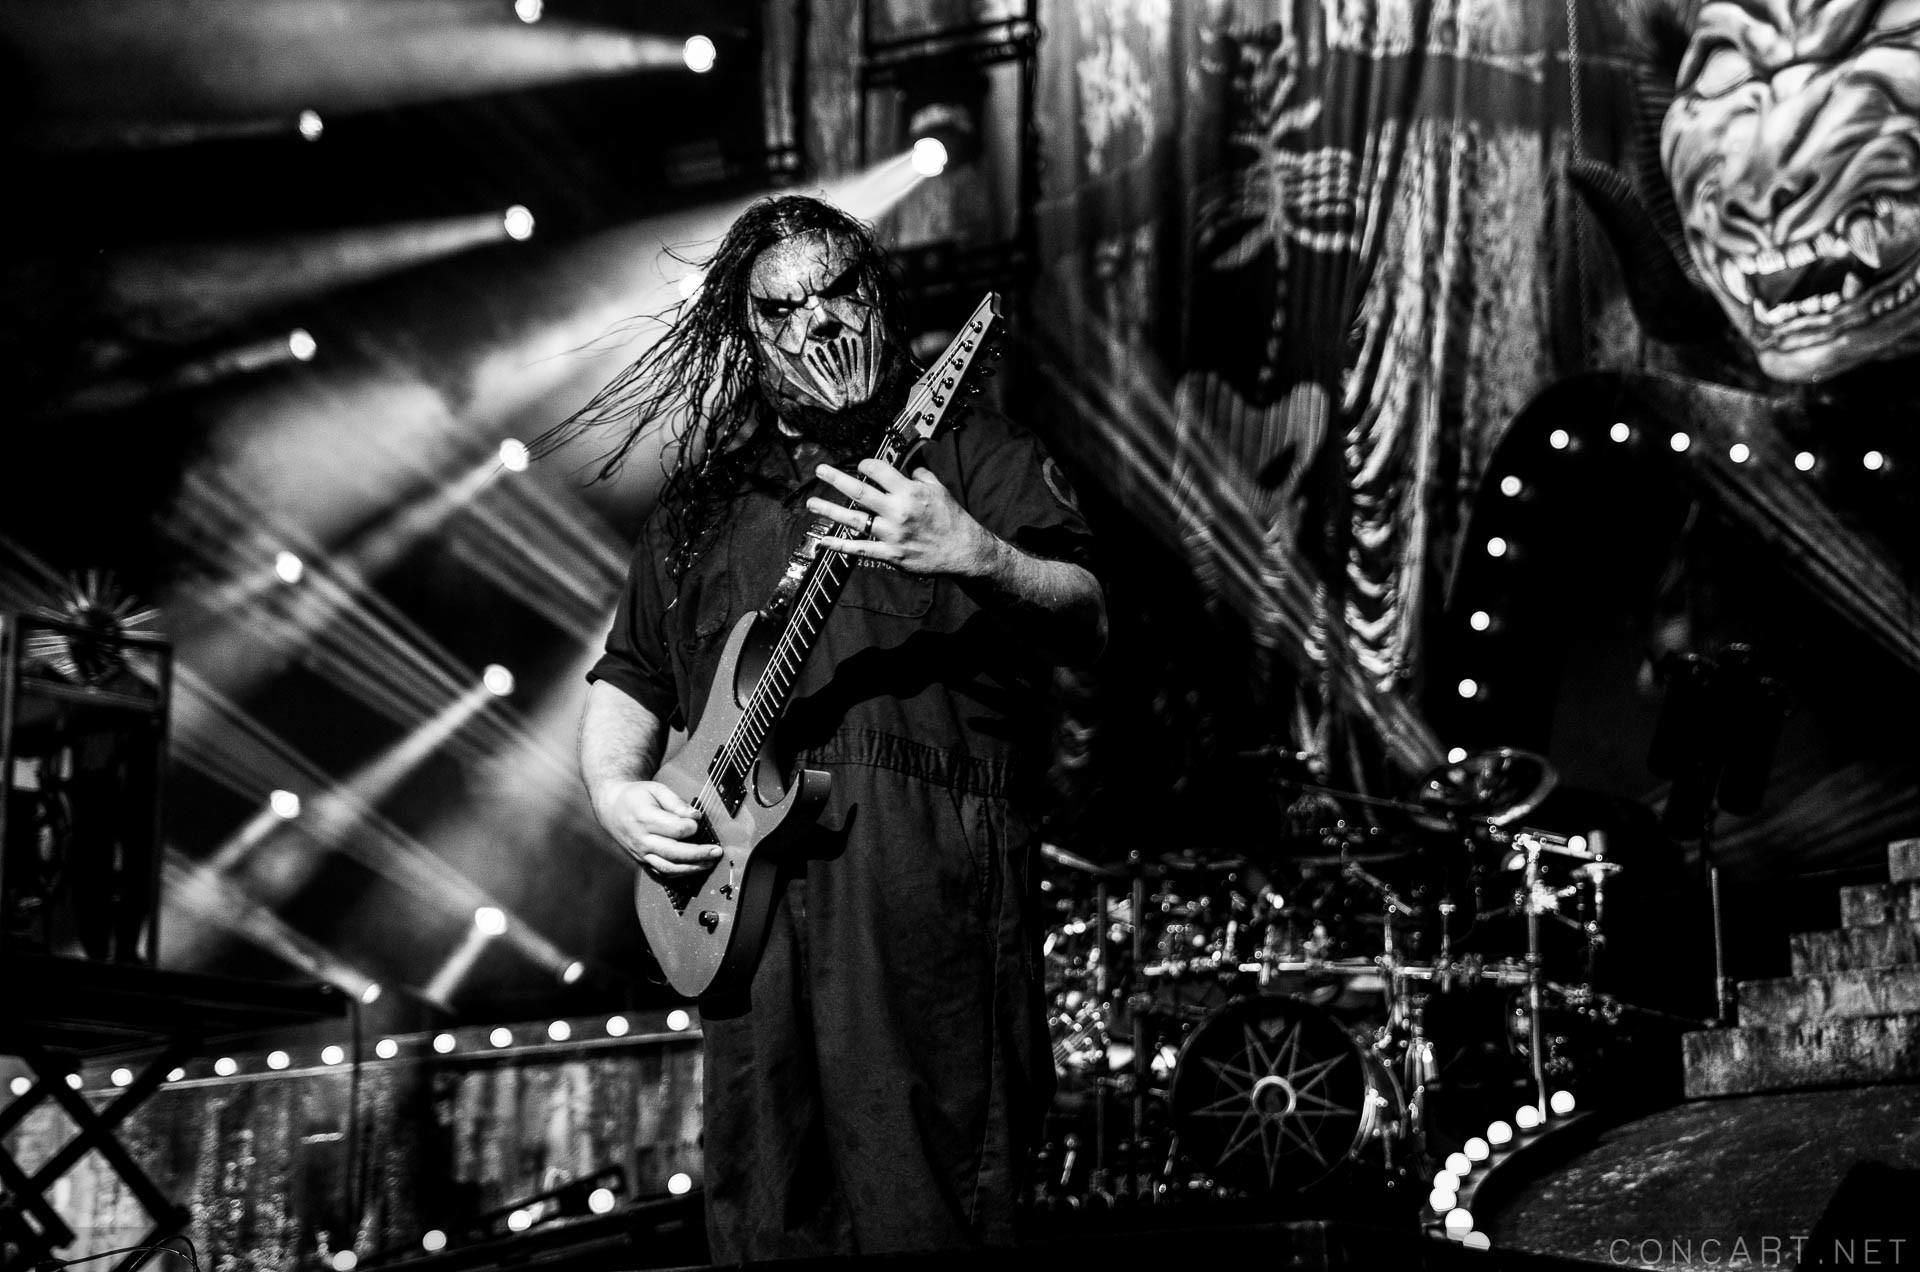 Music Slipknot 1920x1272